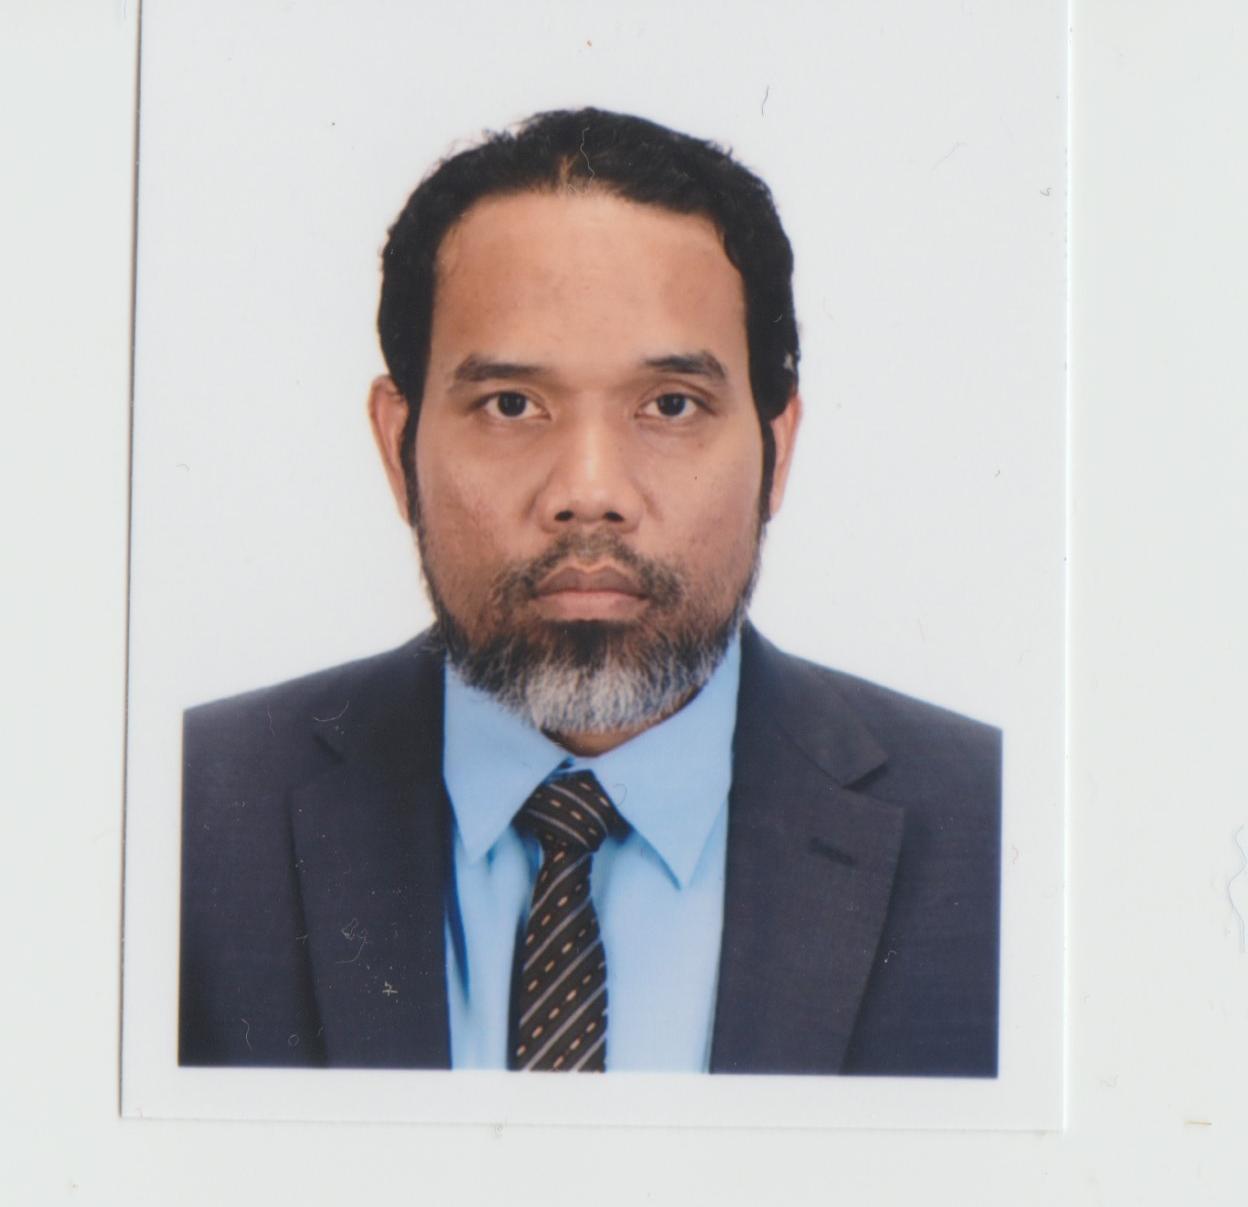 Muhammad Khairi